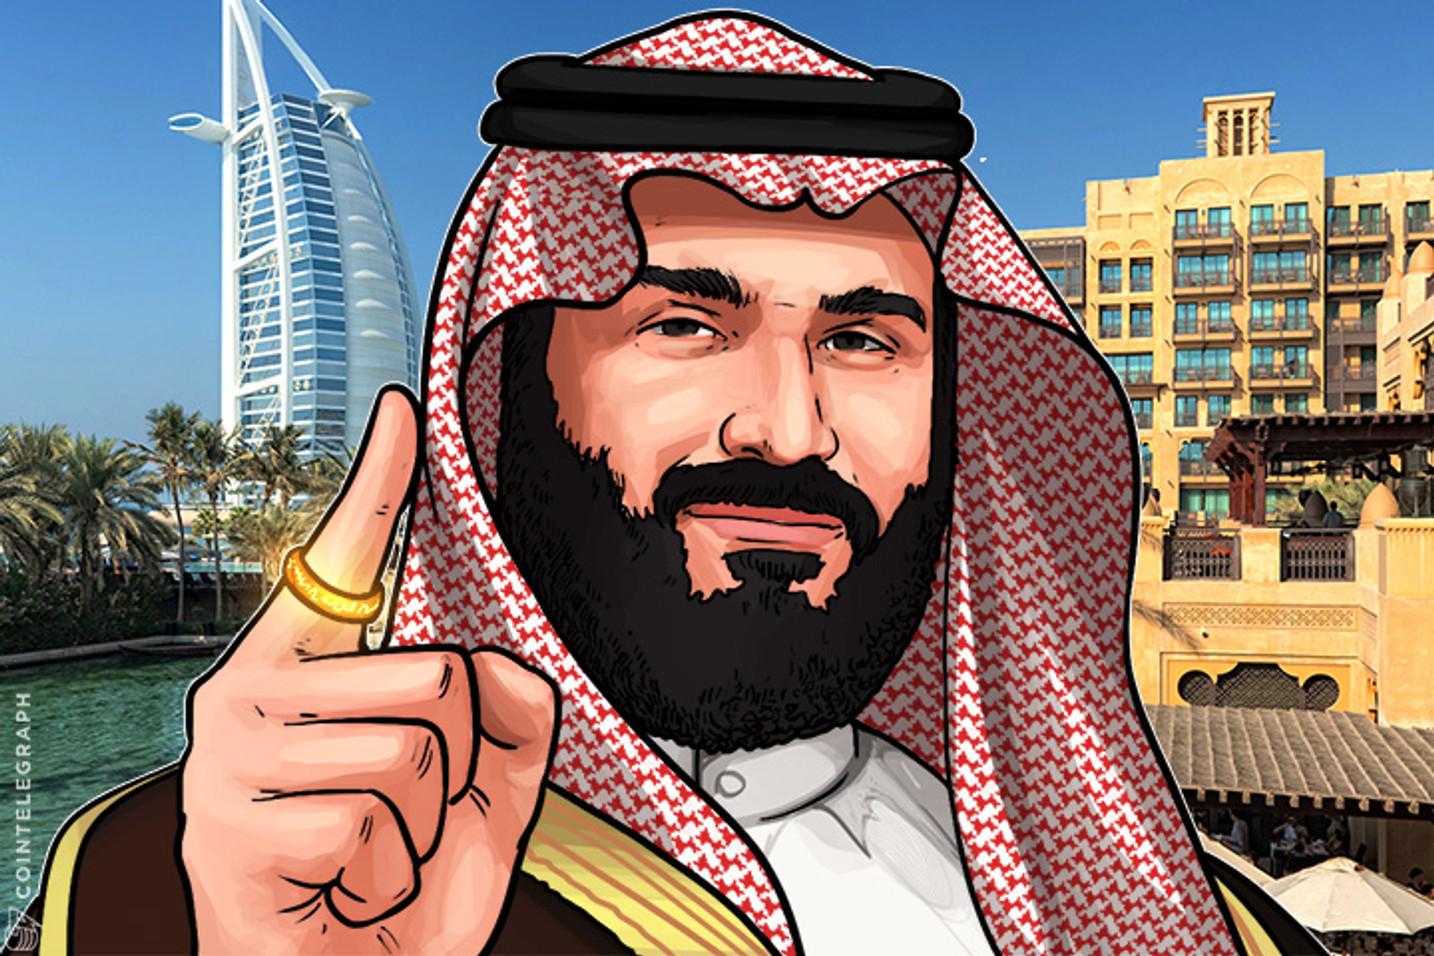 Arábia Saudita prende príncipe bilionário - a incerteza poderia fazer subir o Bitcoin?